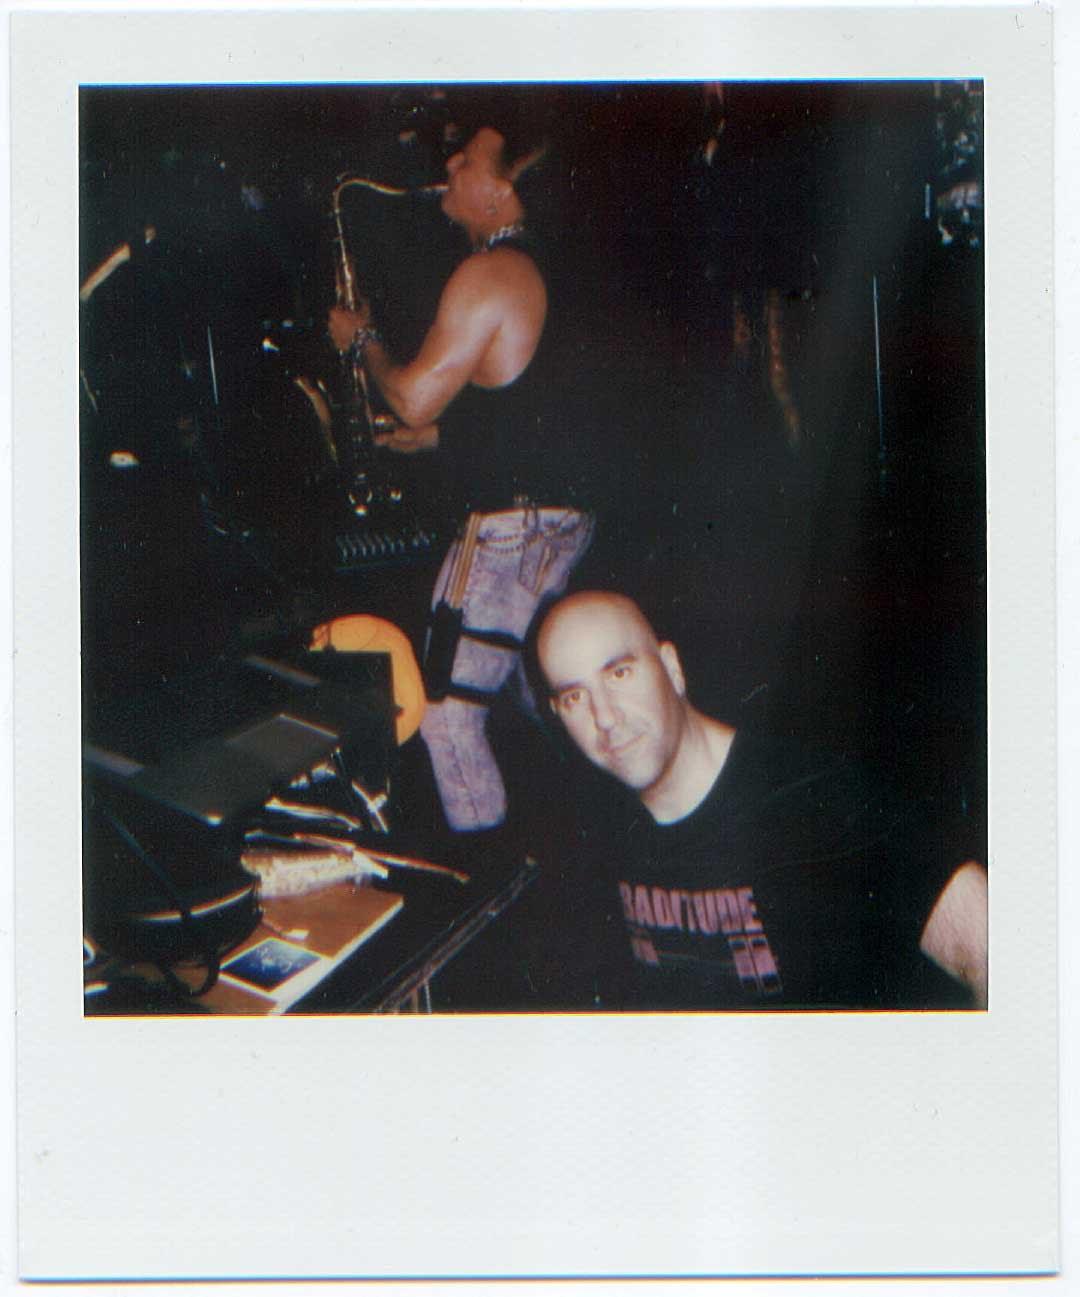 Polaroid photo: Kyle Miller